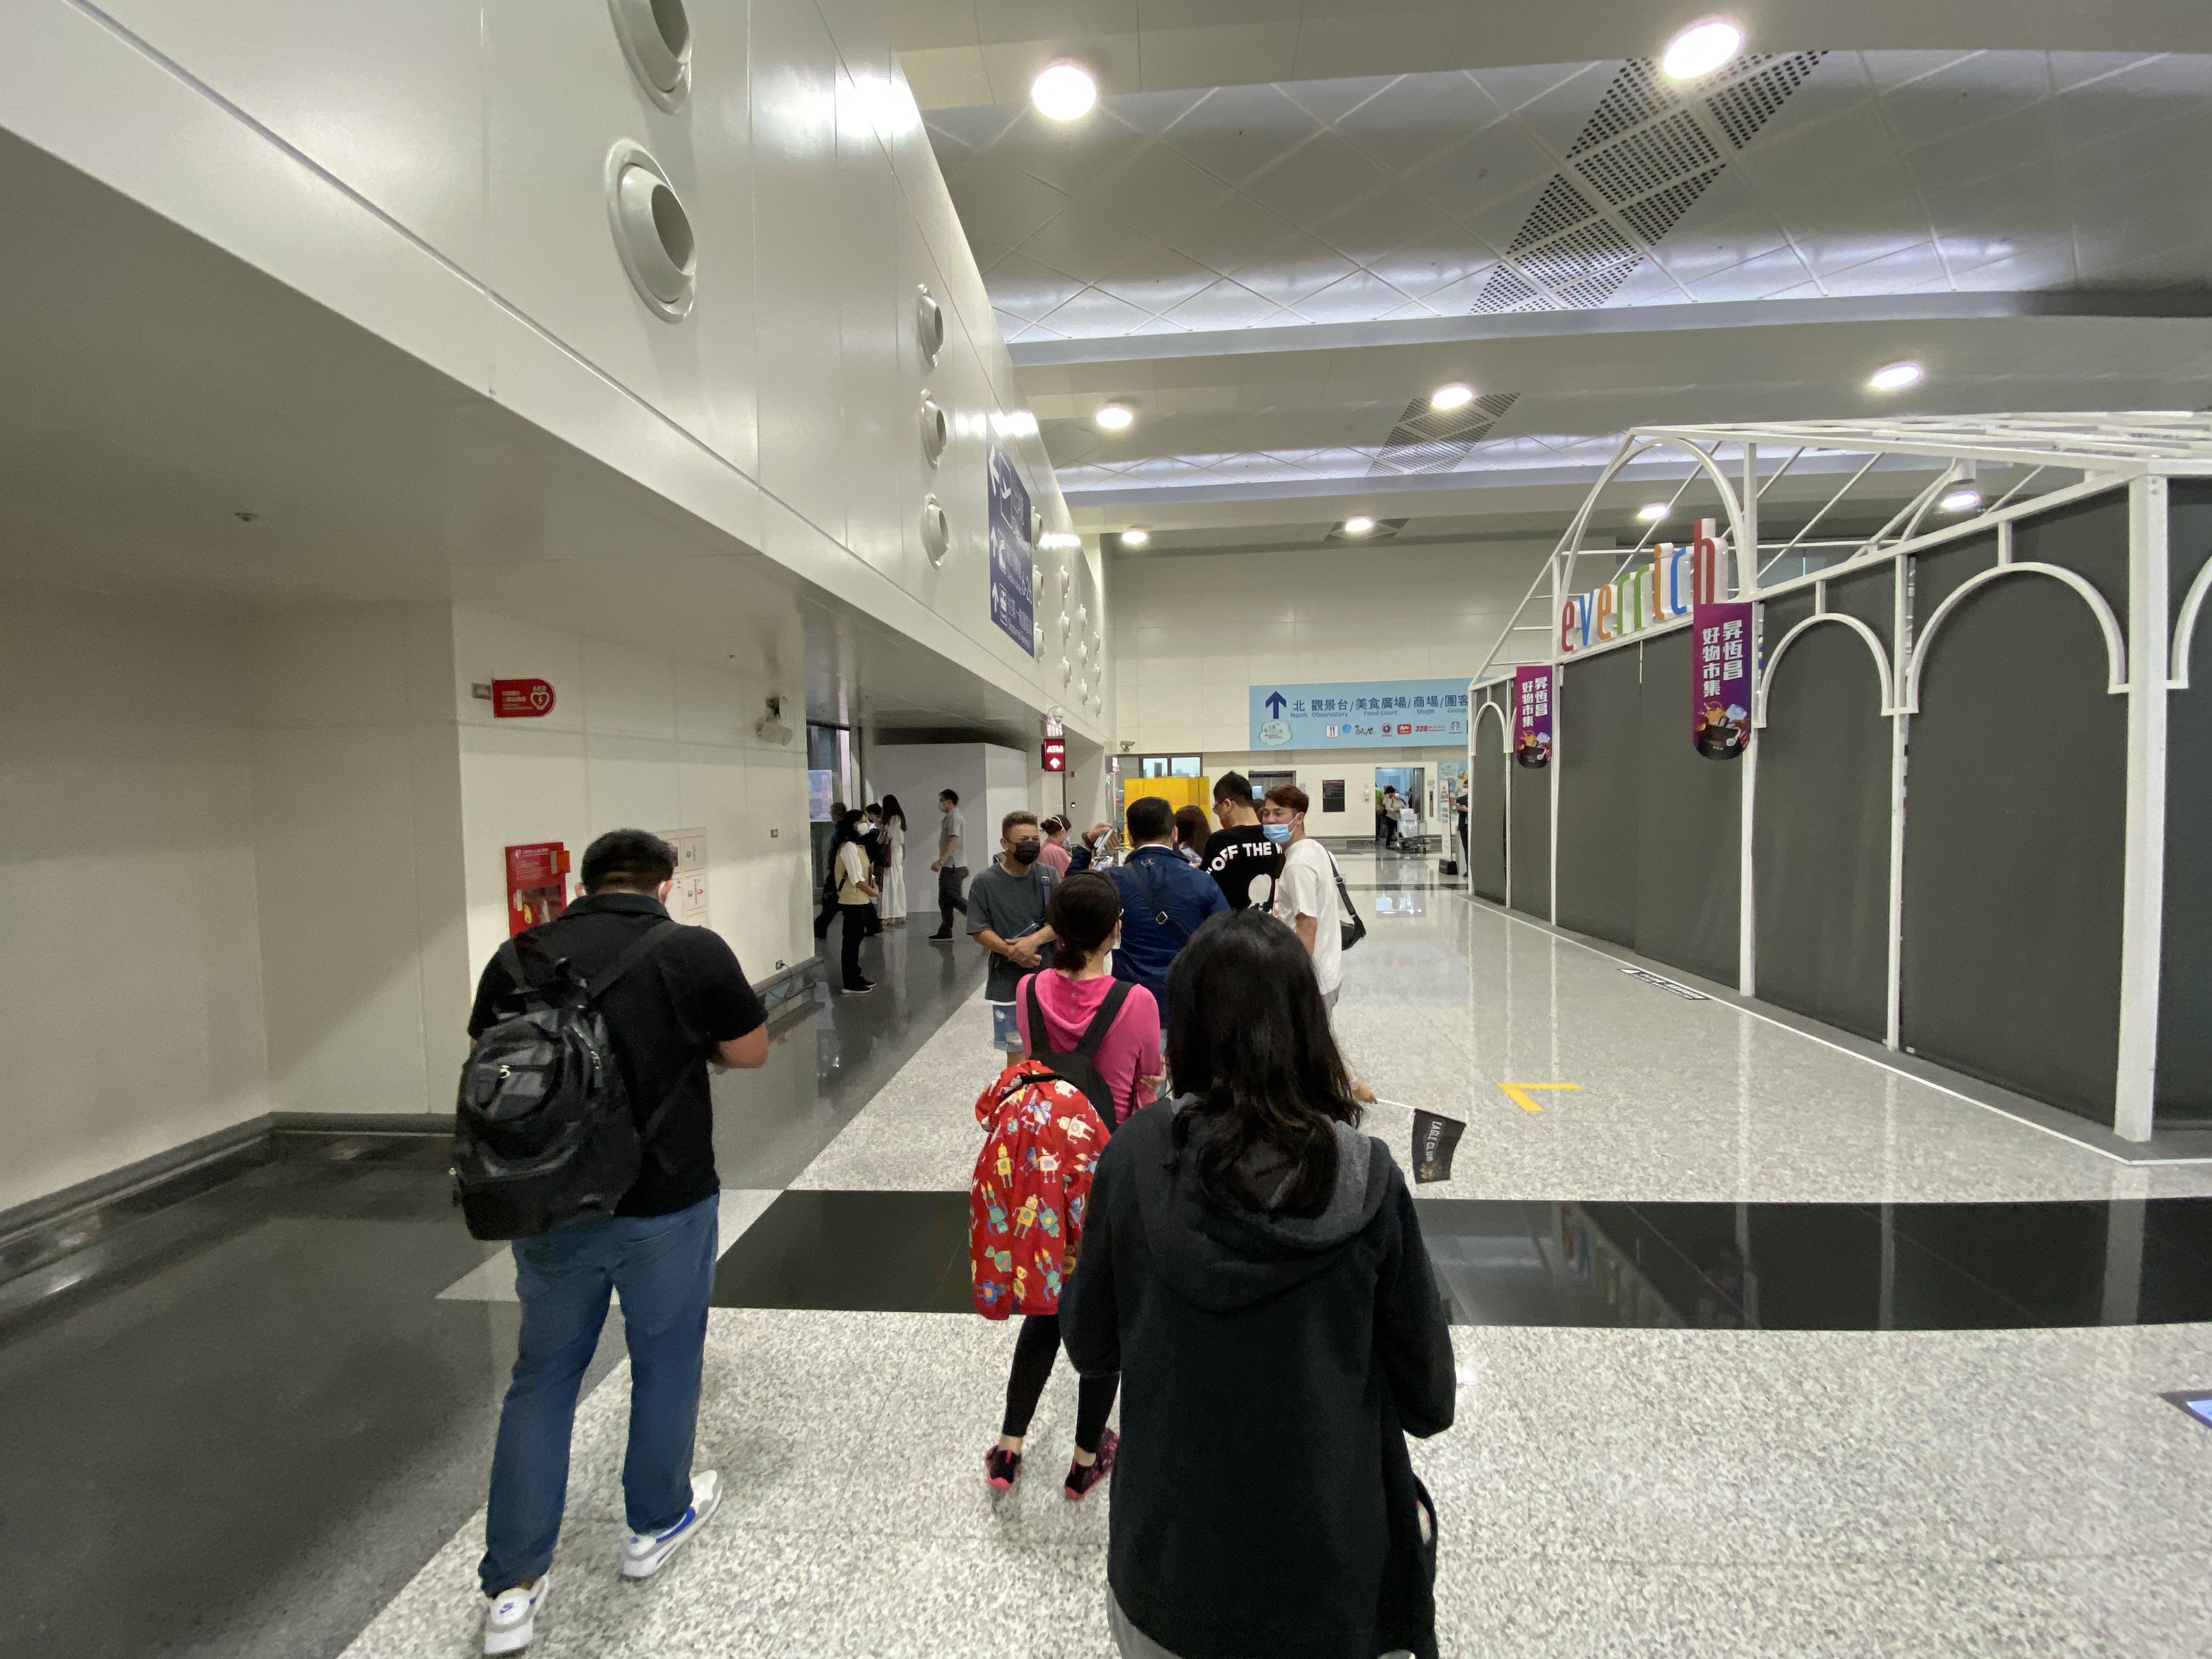 施設内で列に並ぶ人々